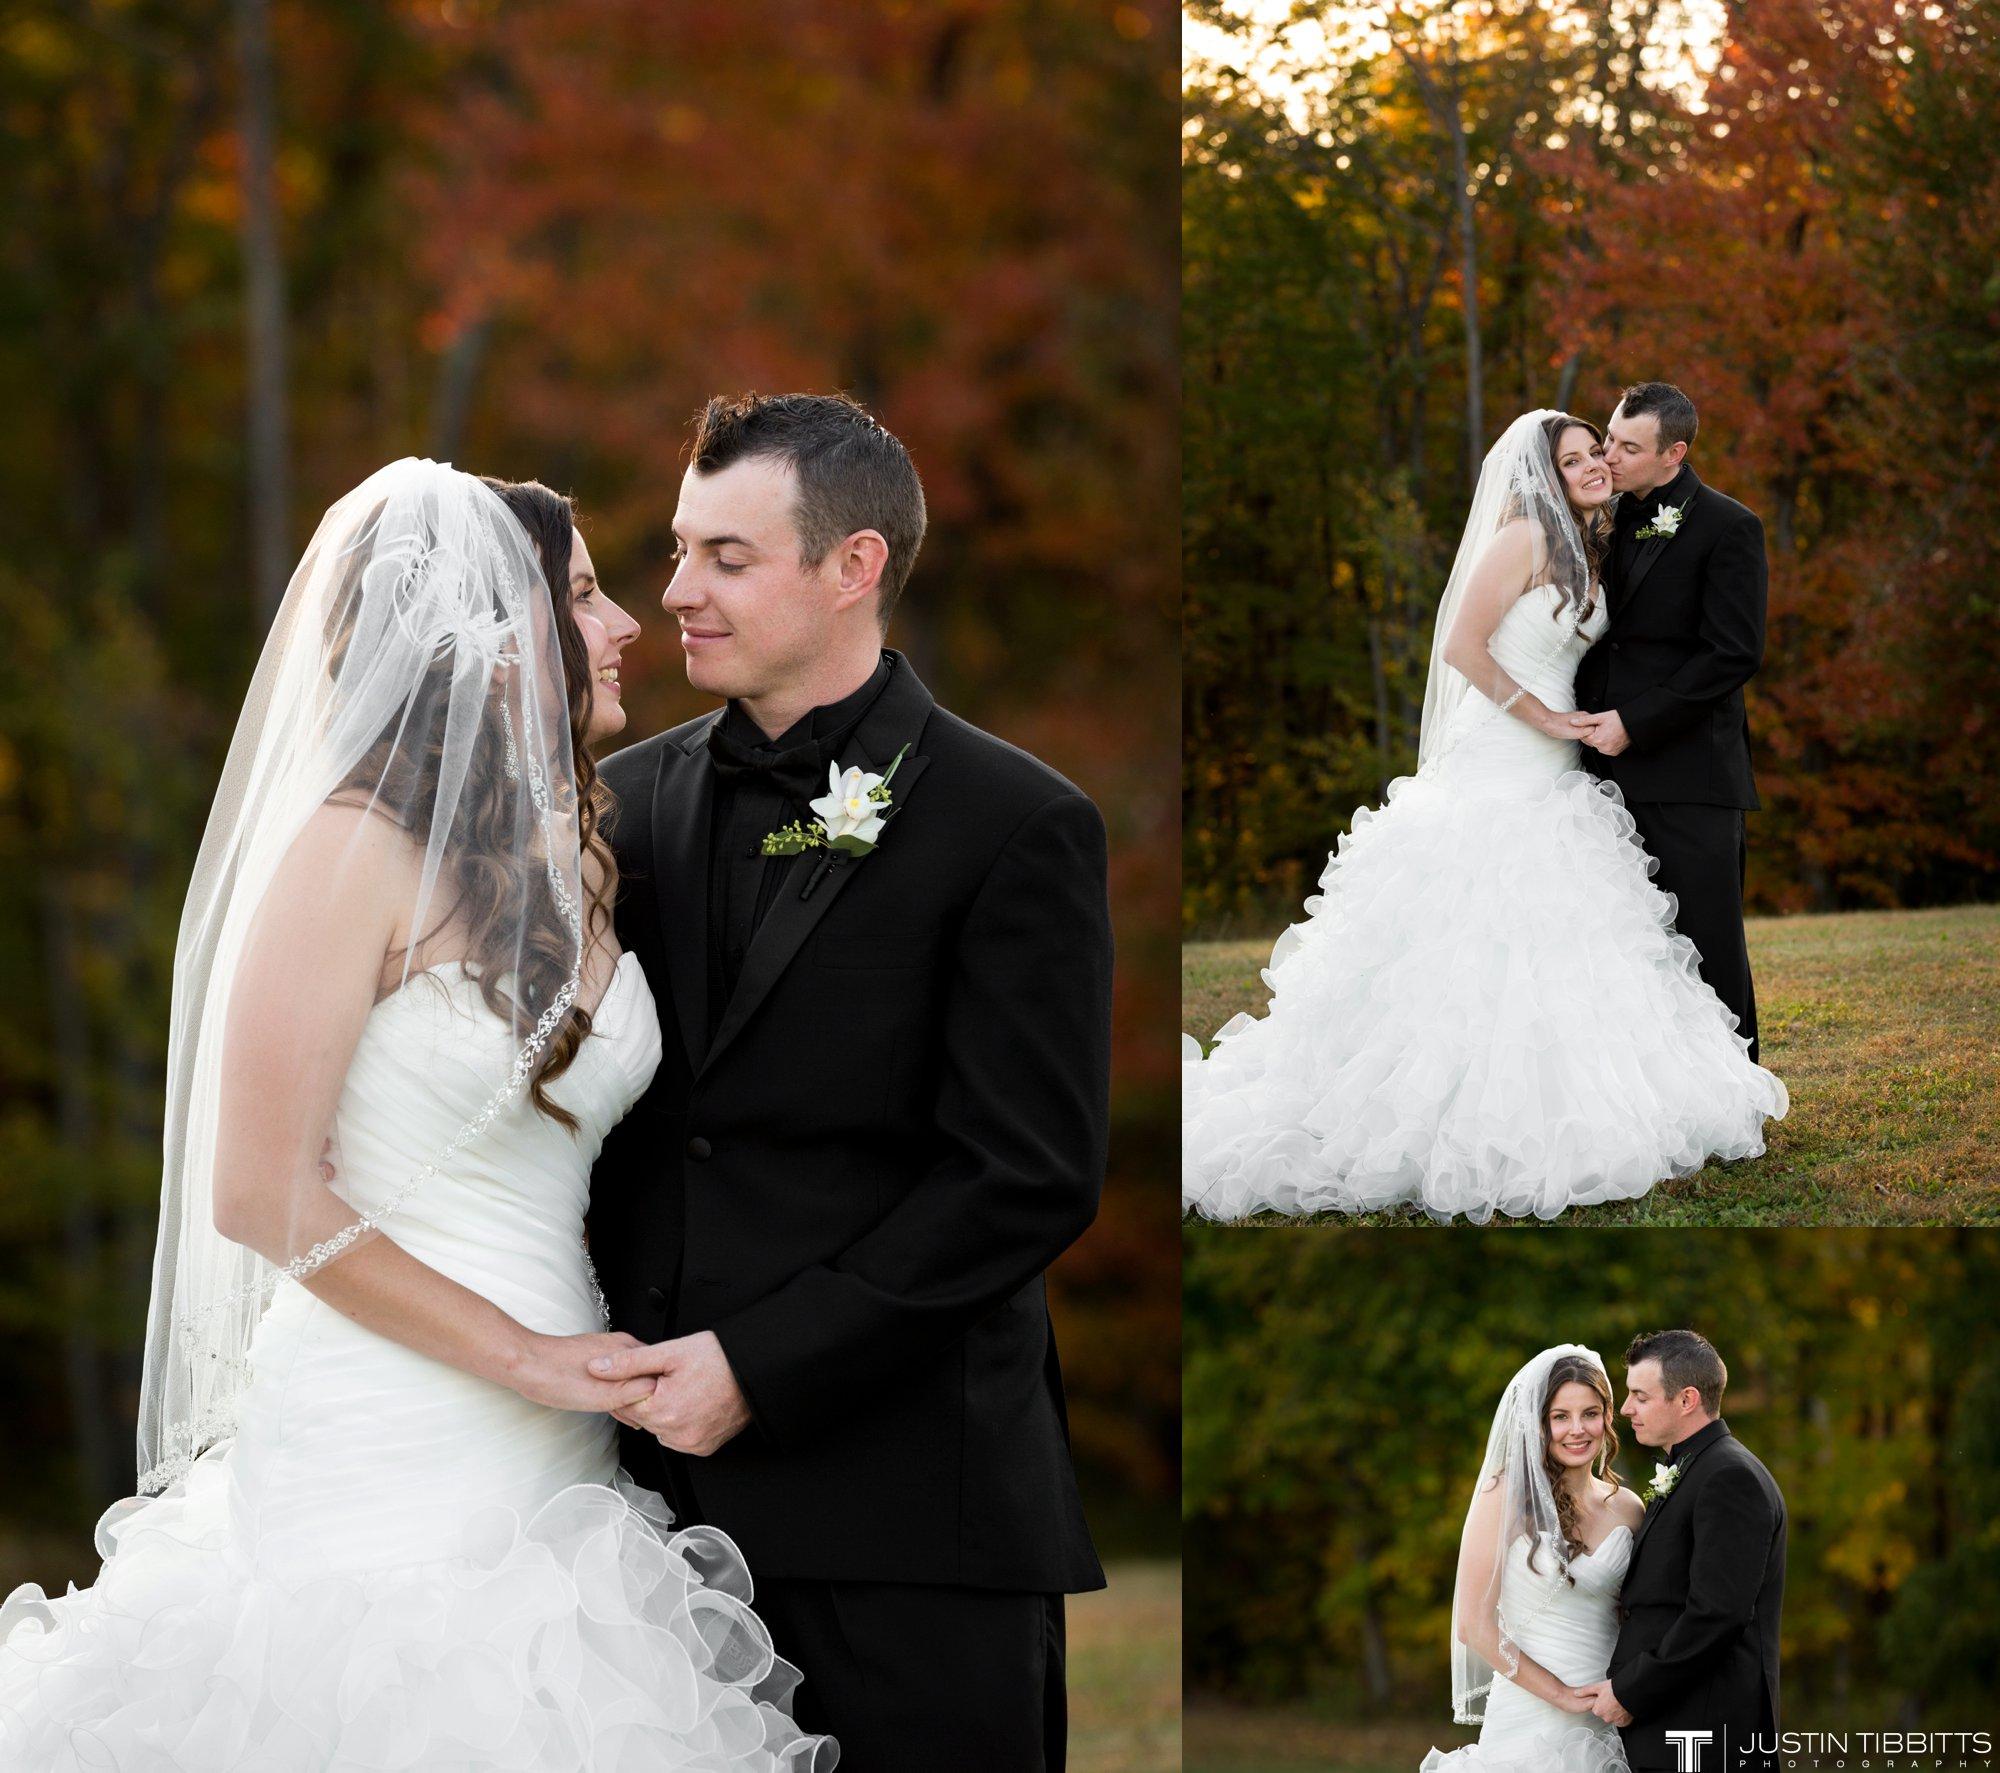 Albany NY Wedding Photographer Justin Tibbitts Photography 2014 Best of Albany NY Weddings-188115124